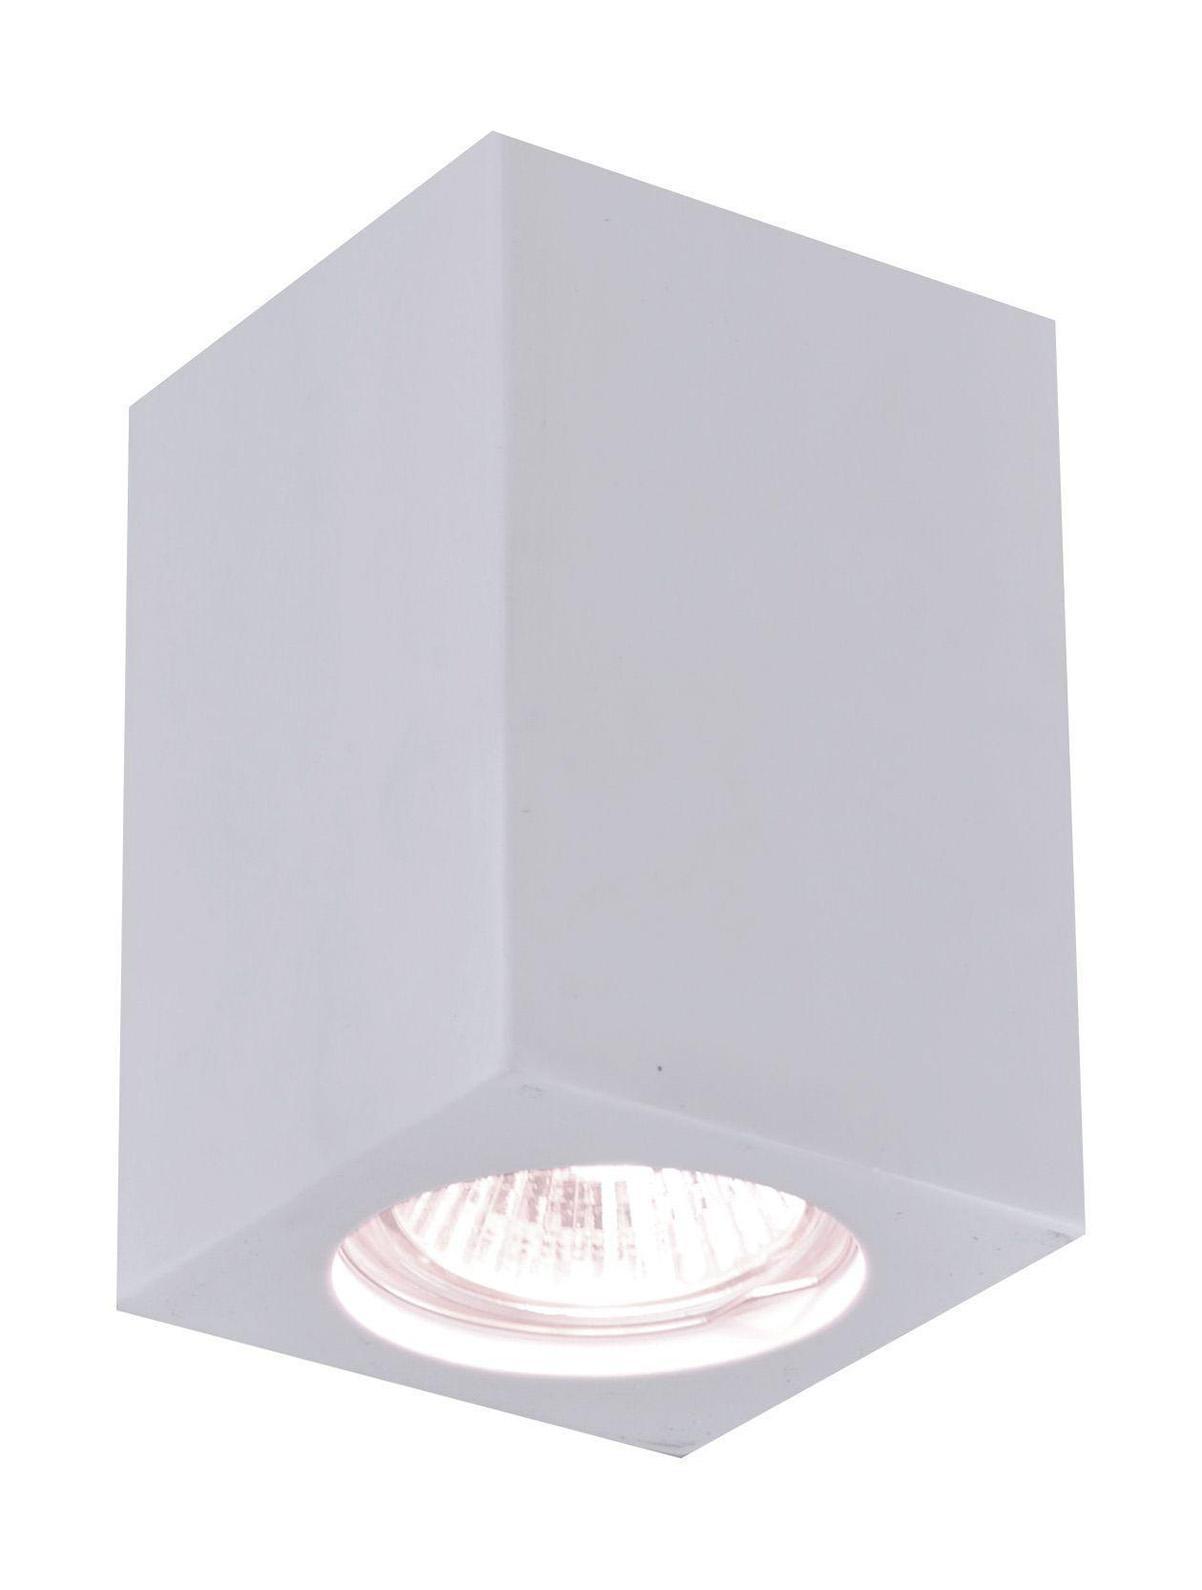 A9264PL-1WH TUBO Встраиваемый светильникA9264PL-1WH1xGU10x35W; Светильник можно красить Материал: Арматура: Гипс Размер: 70x70x90 Цвет: Белый